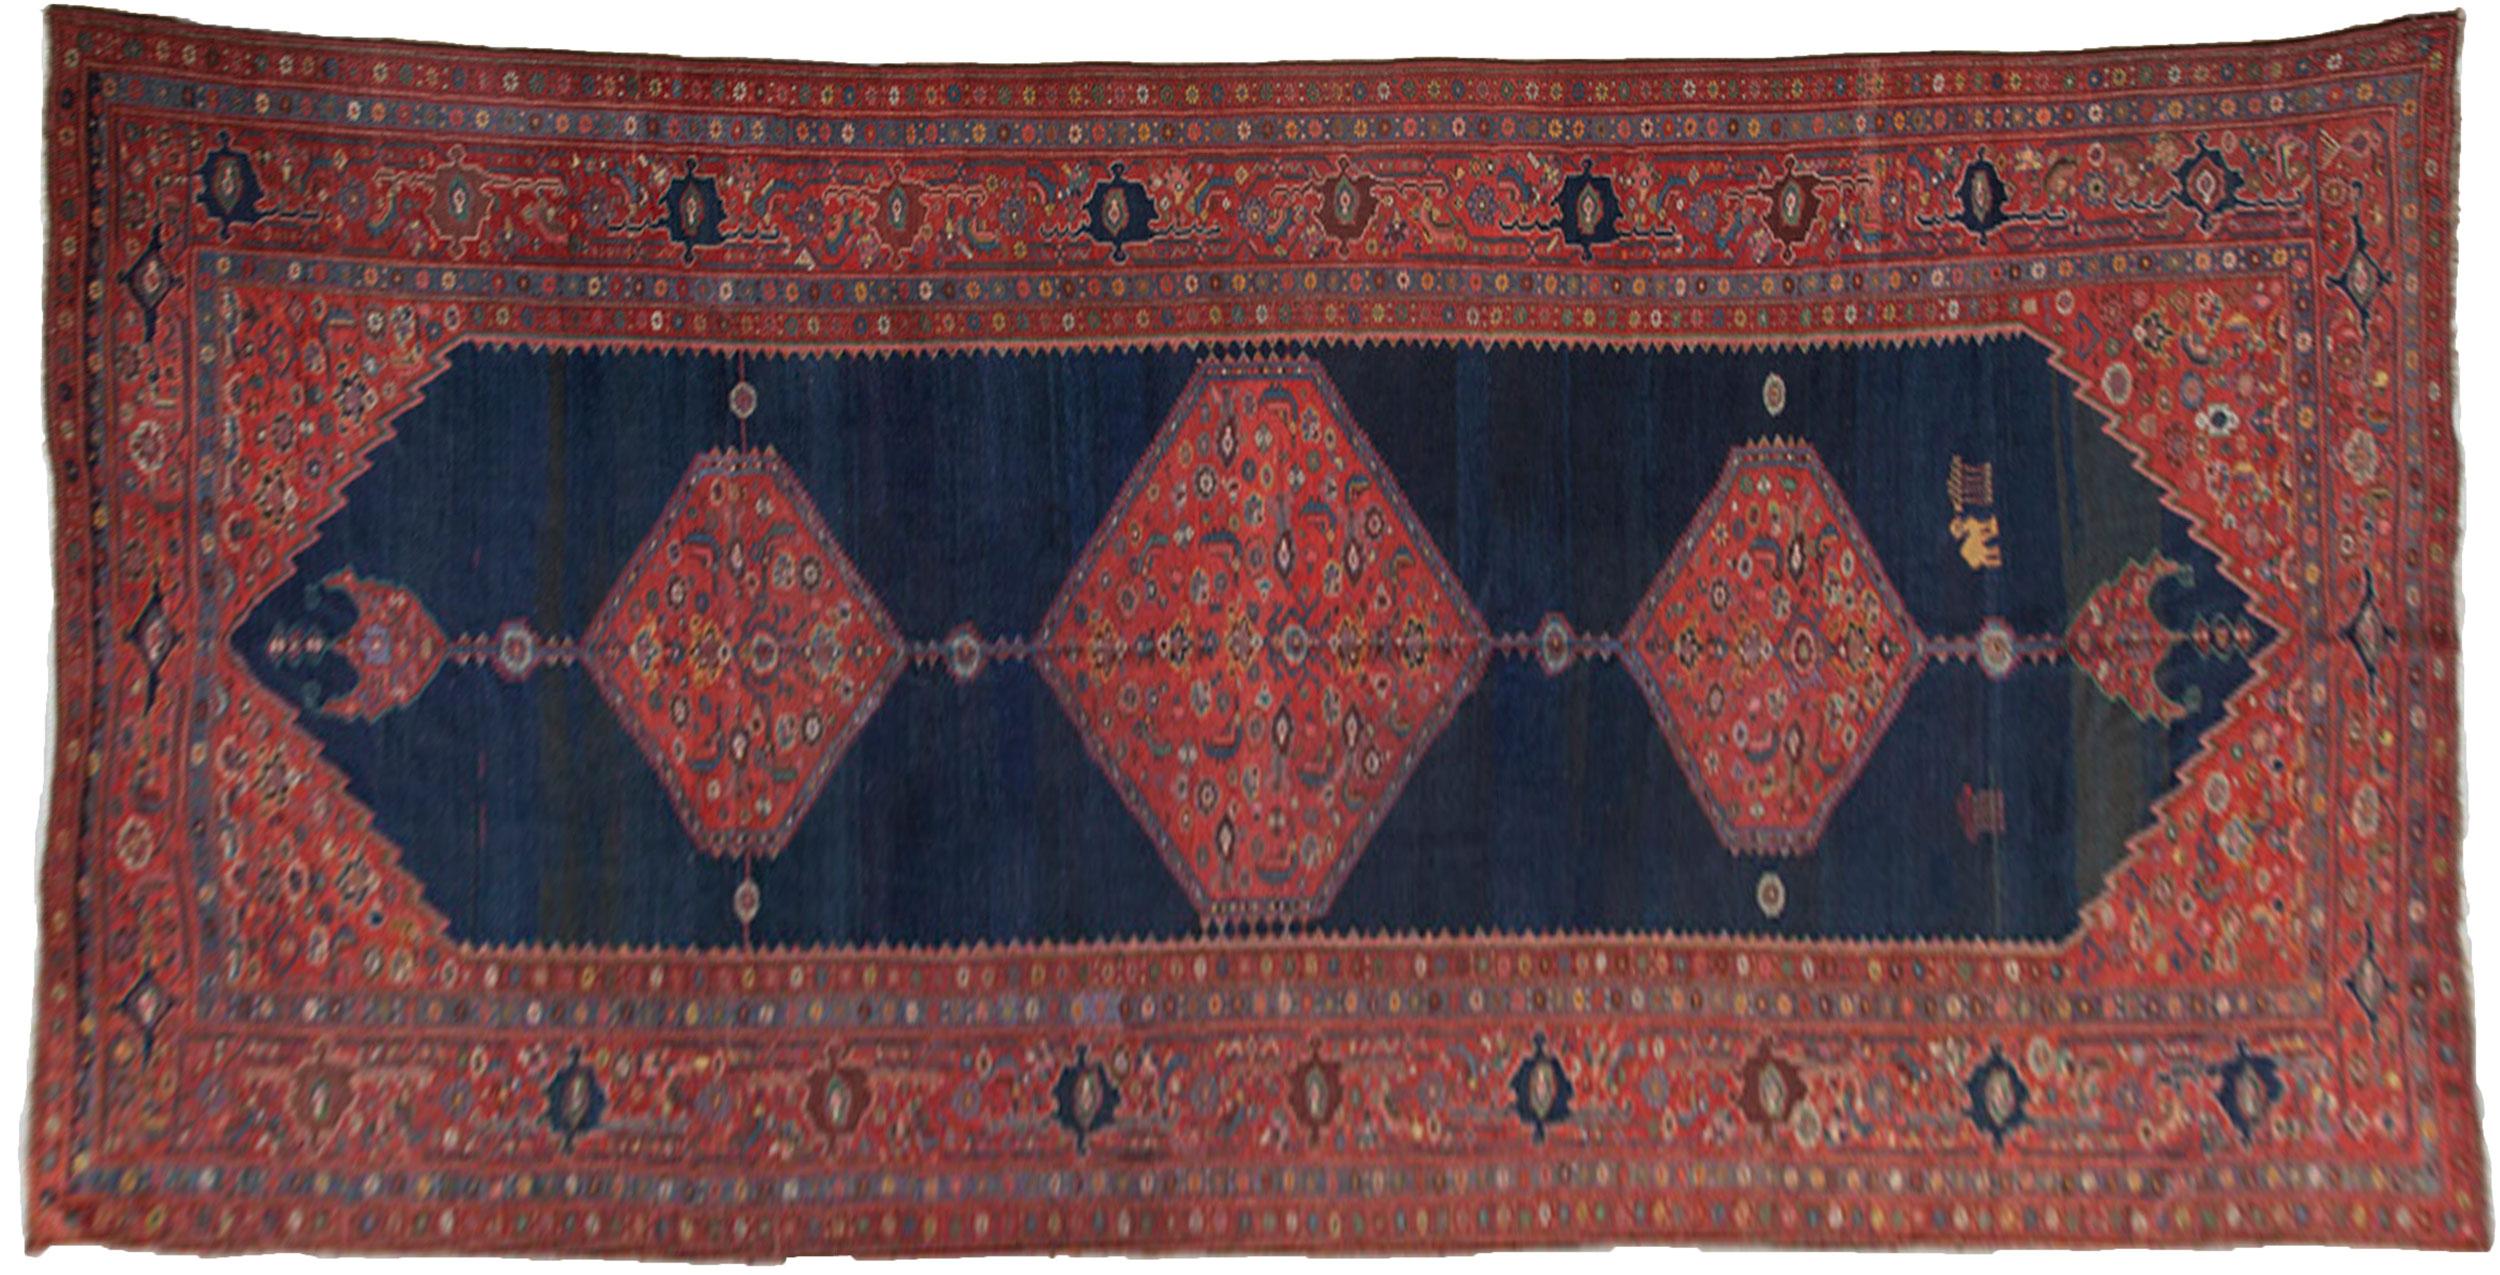 Antique Kordi Carpet 590x280cm